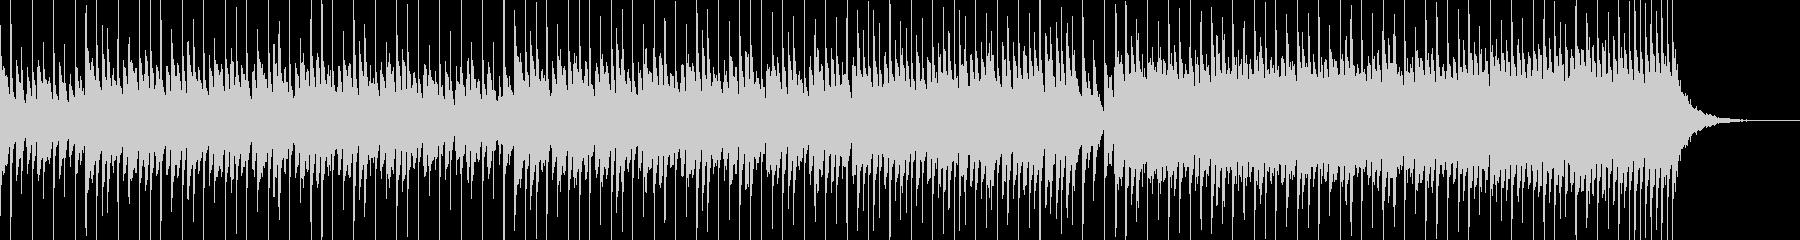 慌ただしい日常をイメージさせるBGMの未再生の波形